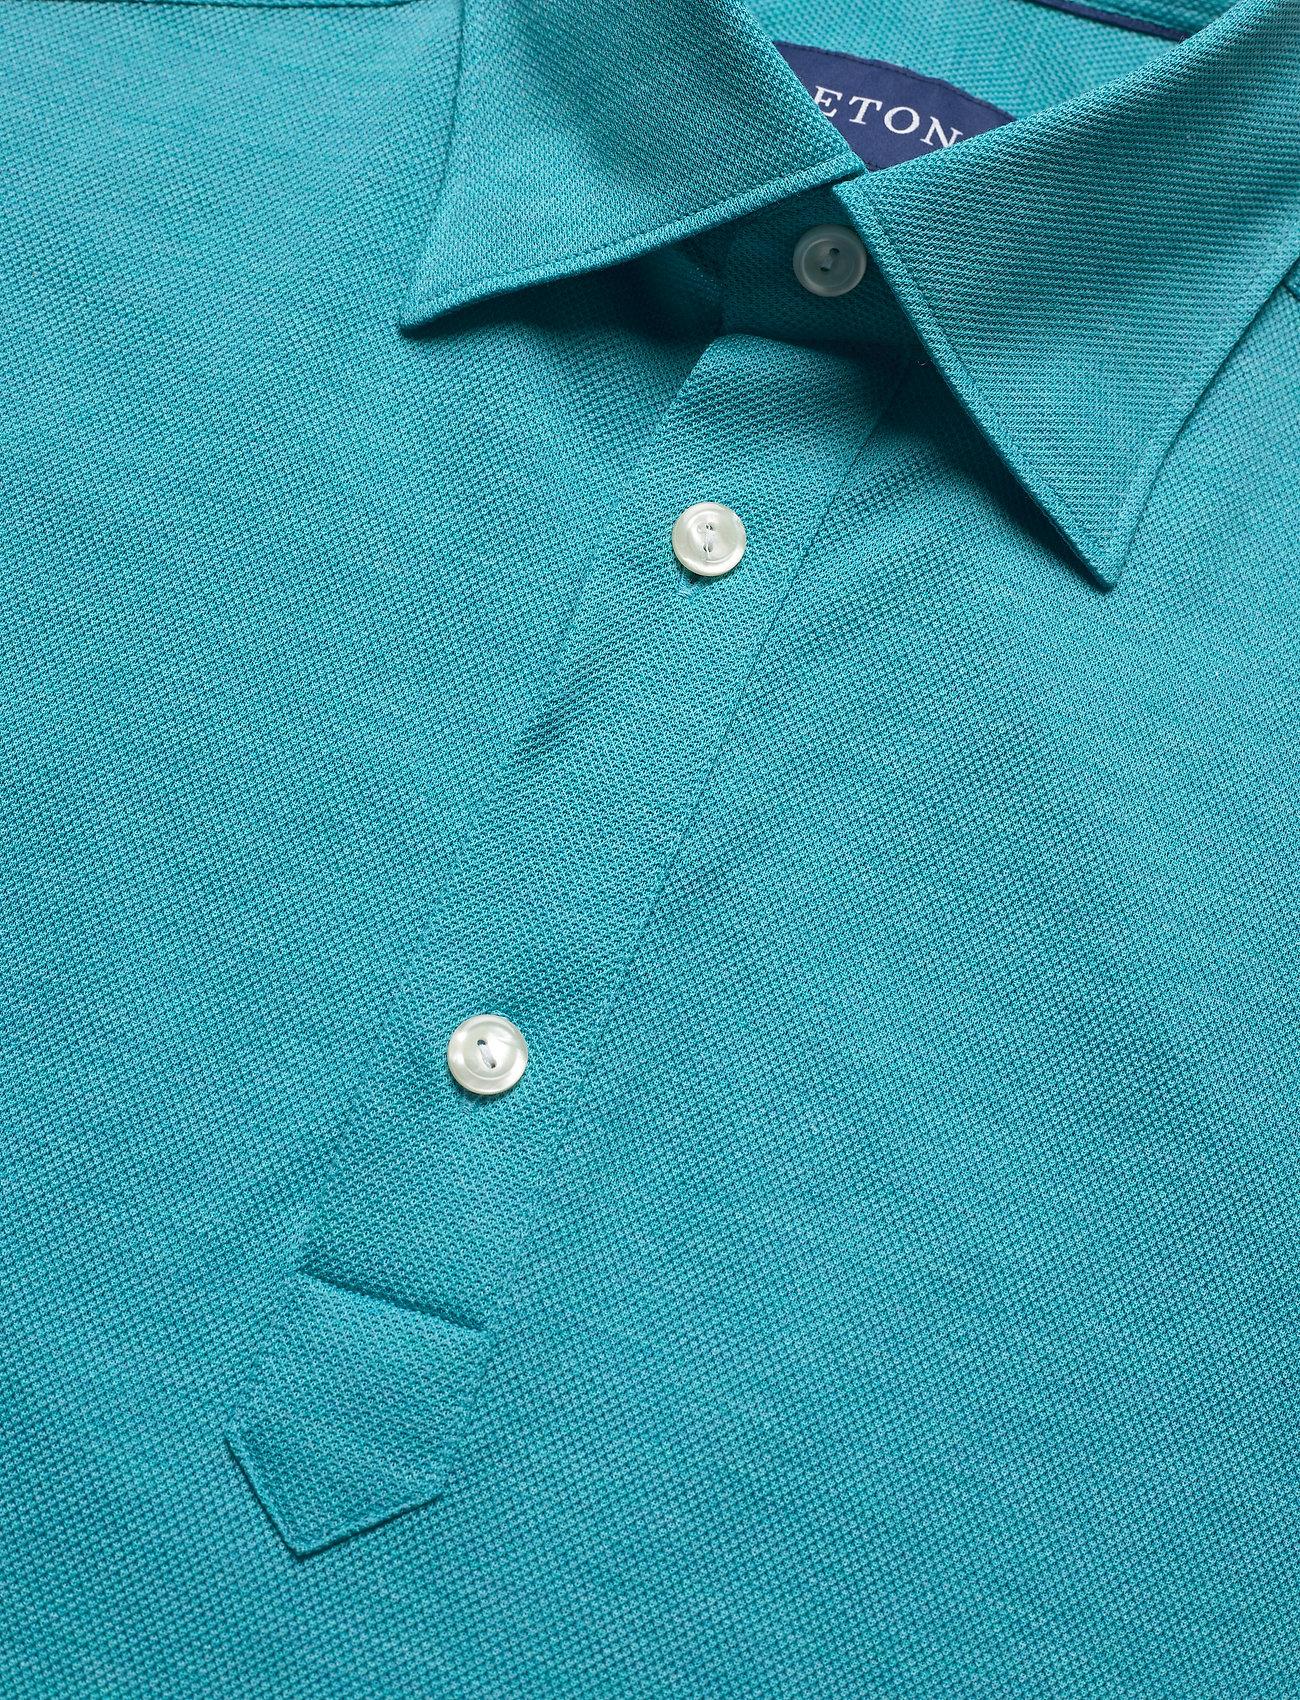 Eton Blue Polo Short Sleeve Popover Shirt - Poloskjorter BLUE - Menn Klær